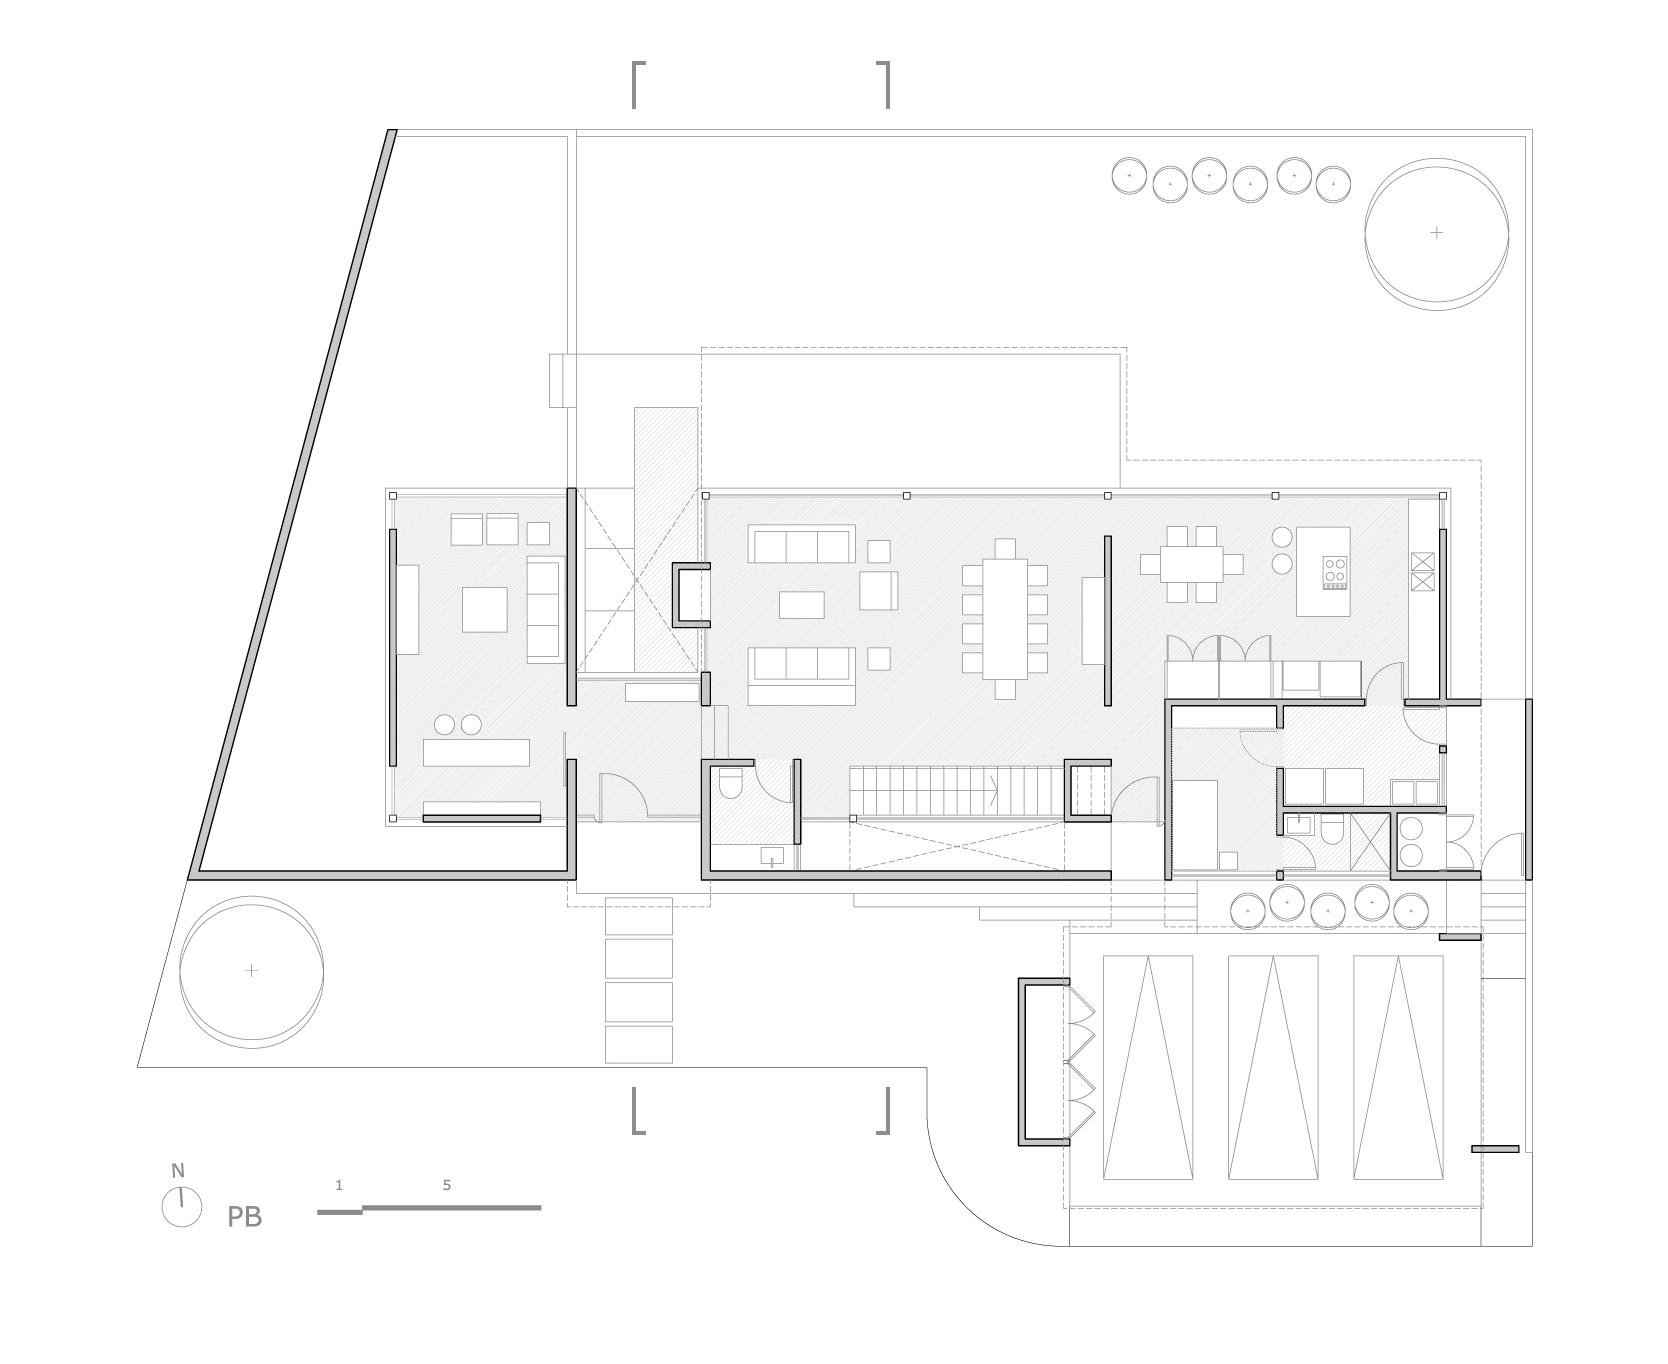 Planos de Planta baja de Bambara Street de Shaun Lockyer Architects